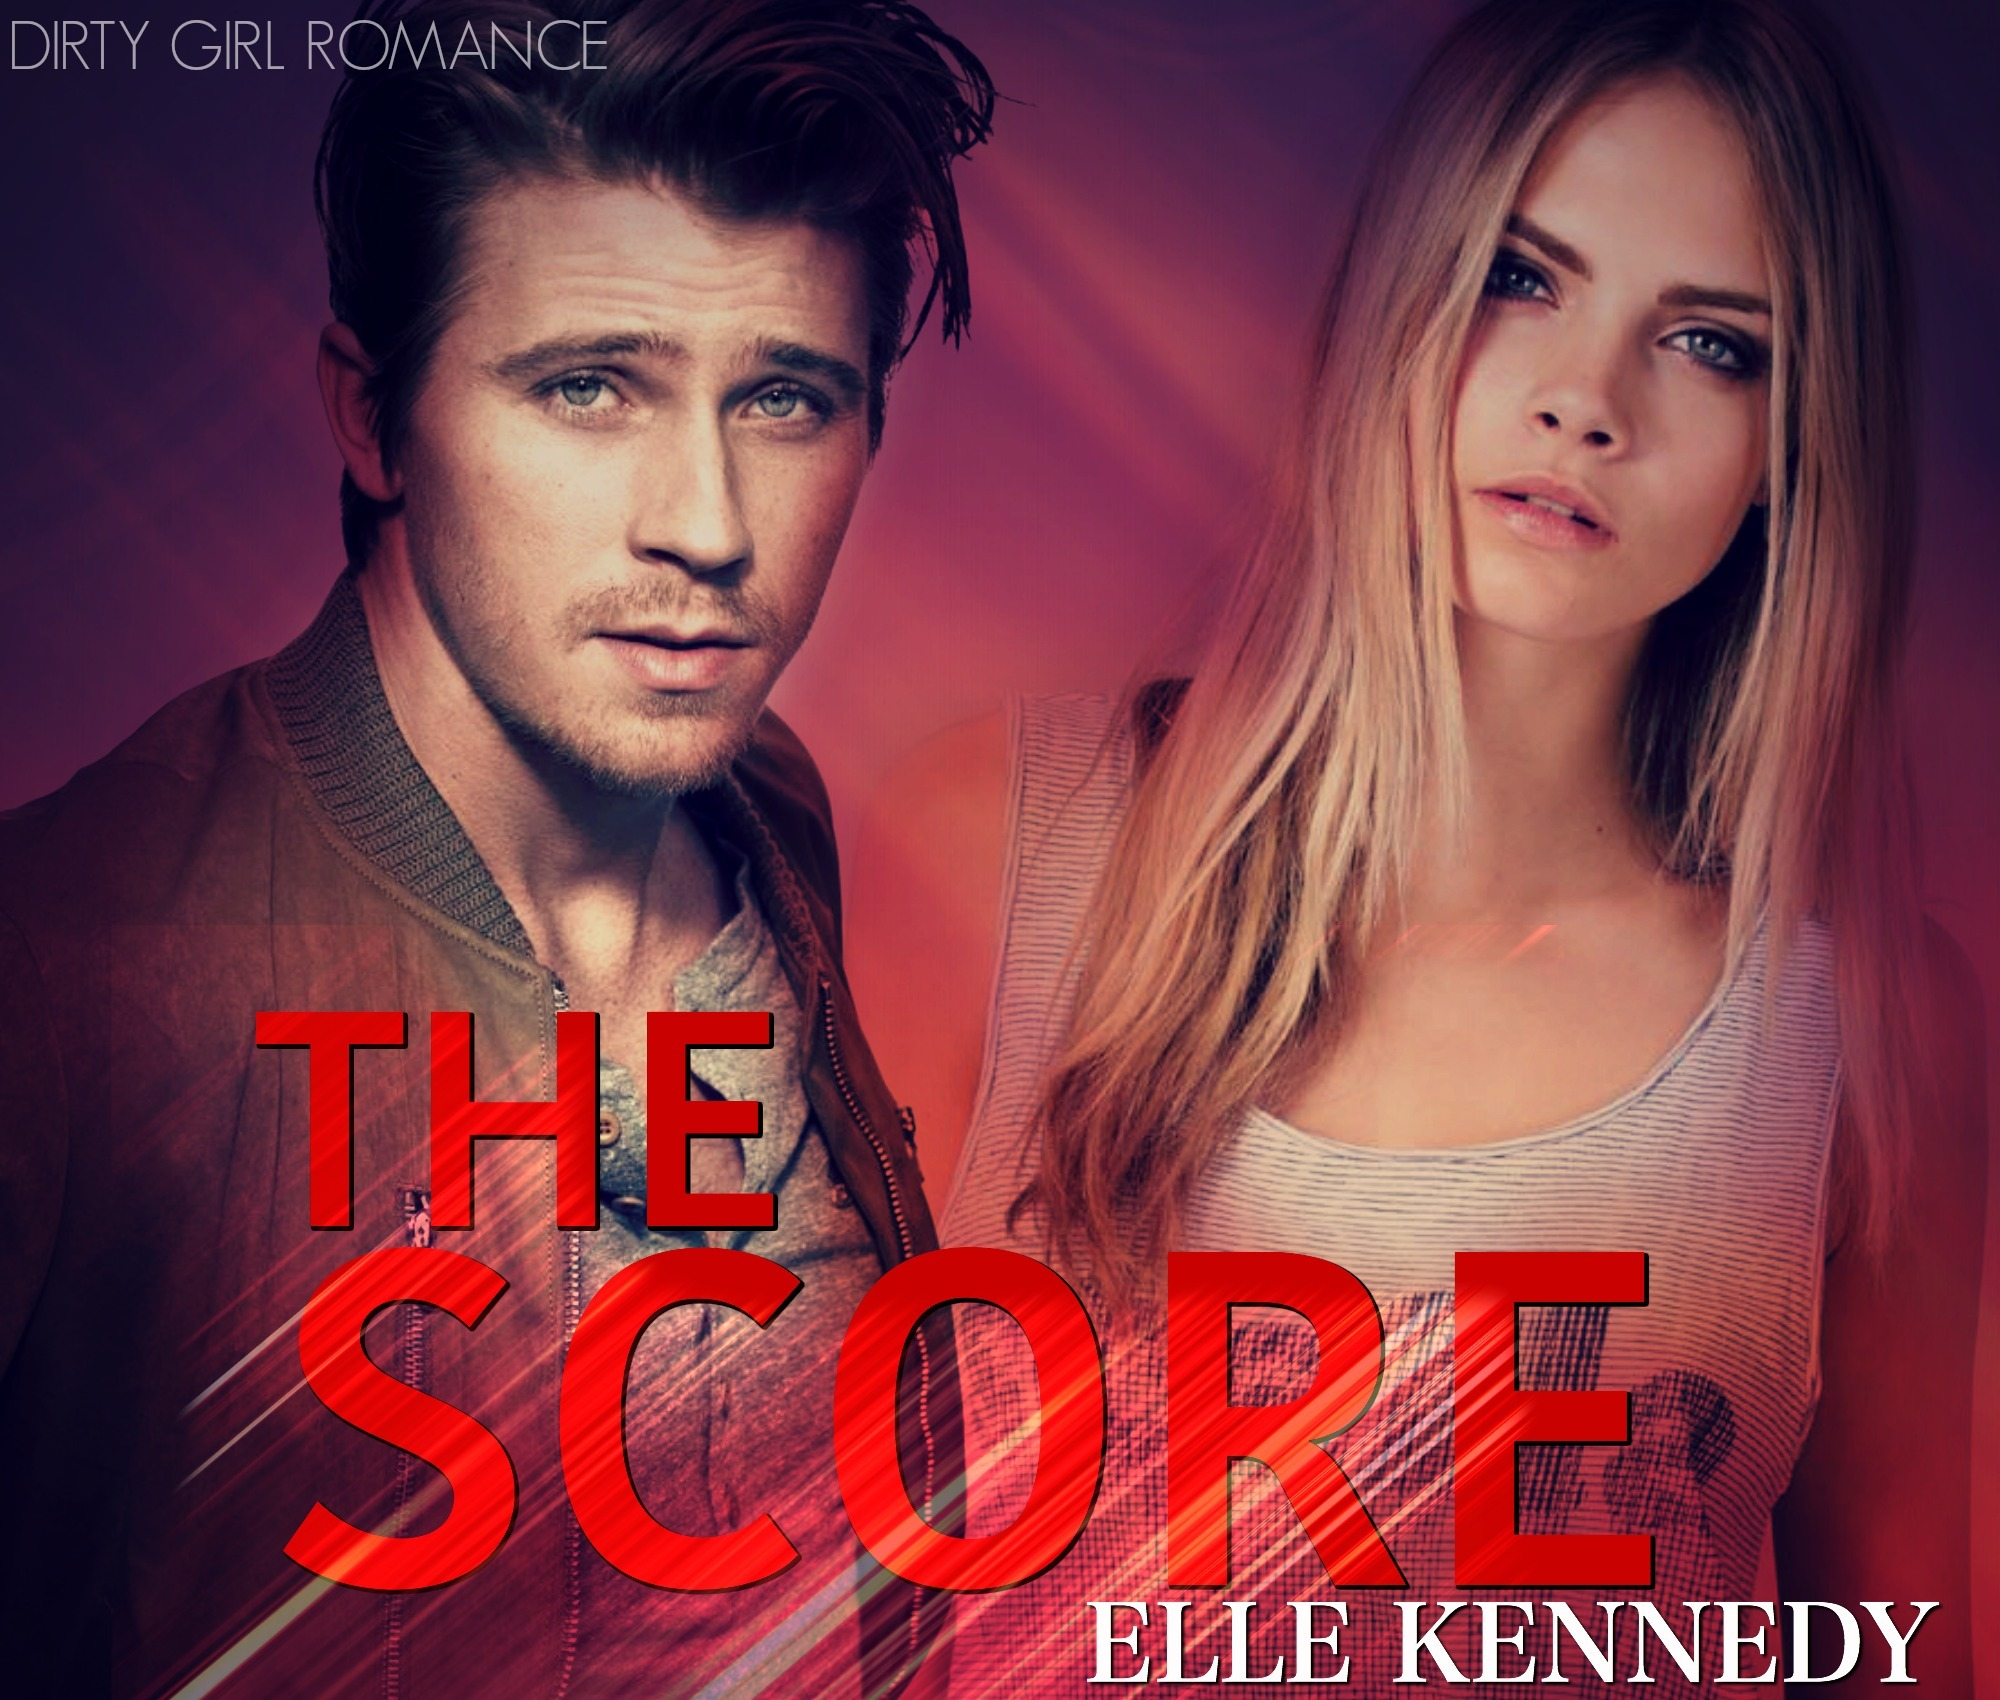 Keeping score 3 scene 3